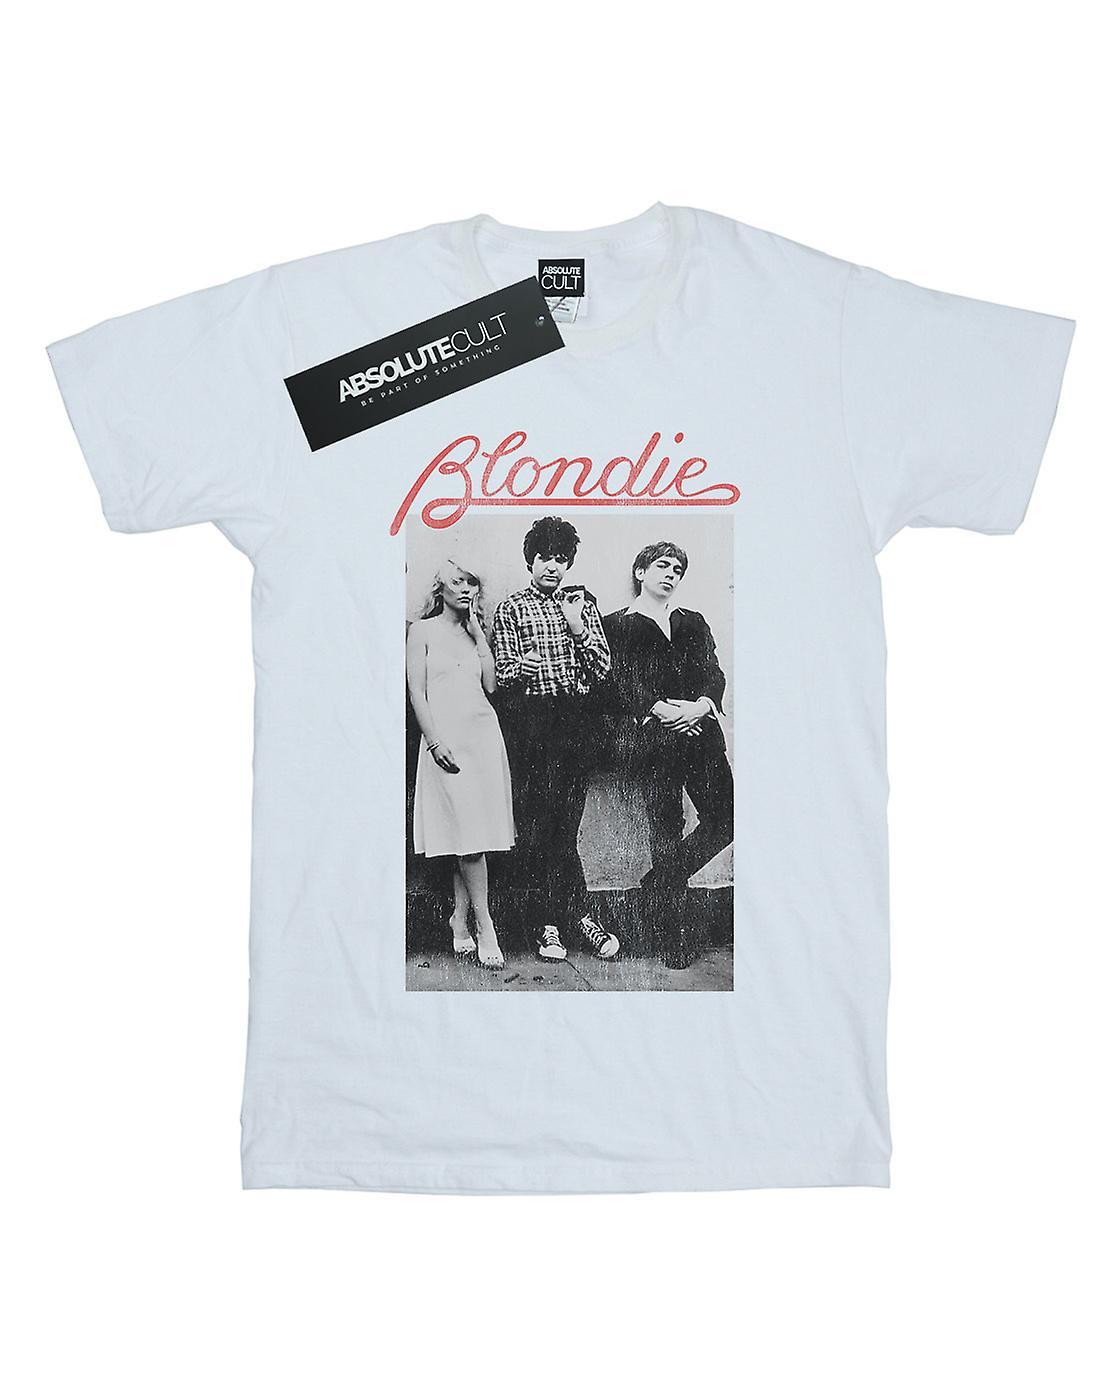 Blondie Women's Distressed Band Boyfriend Fit T-Shirt